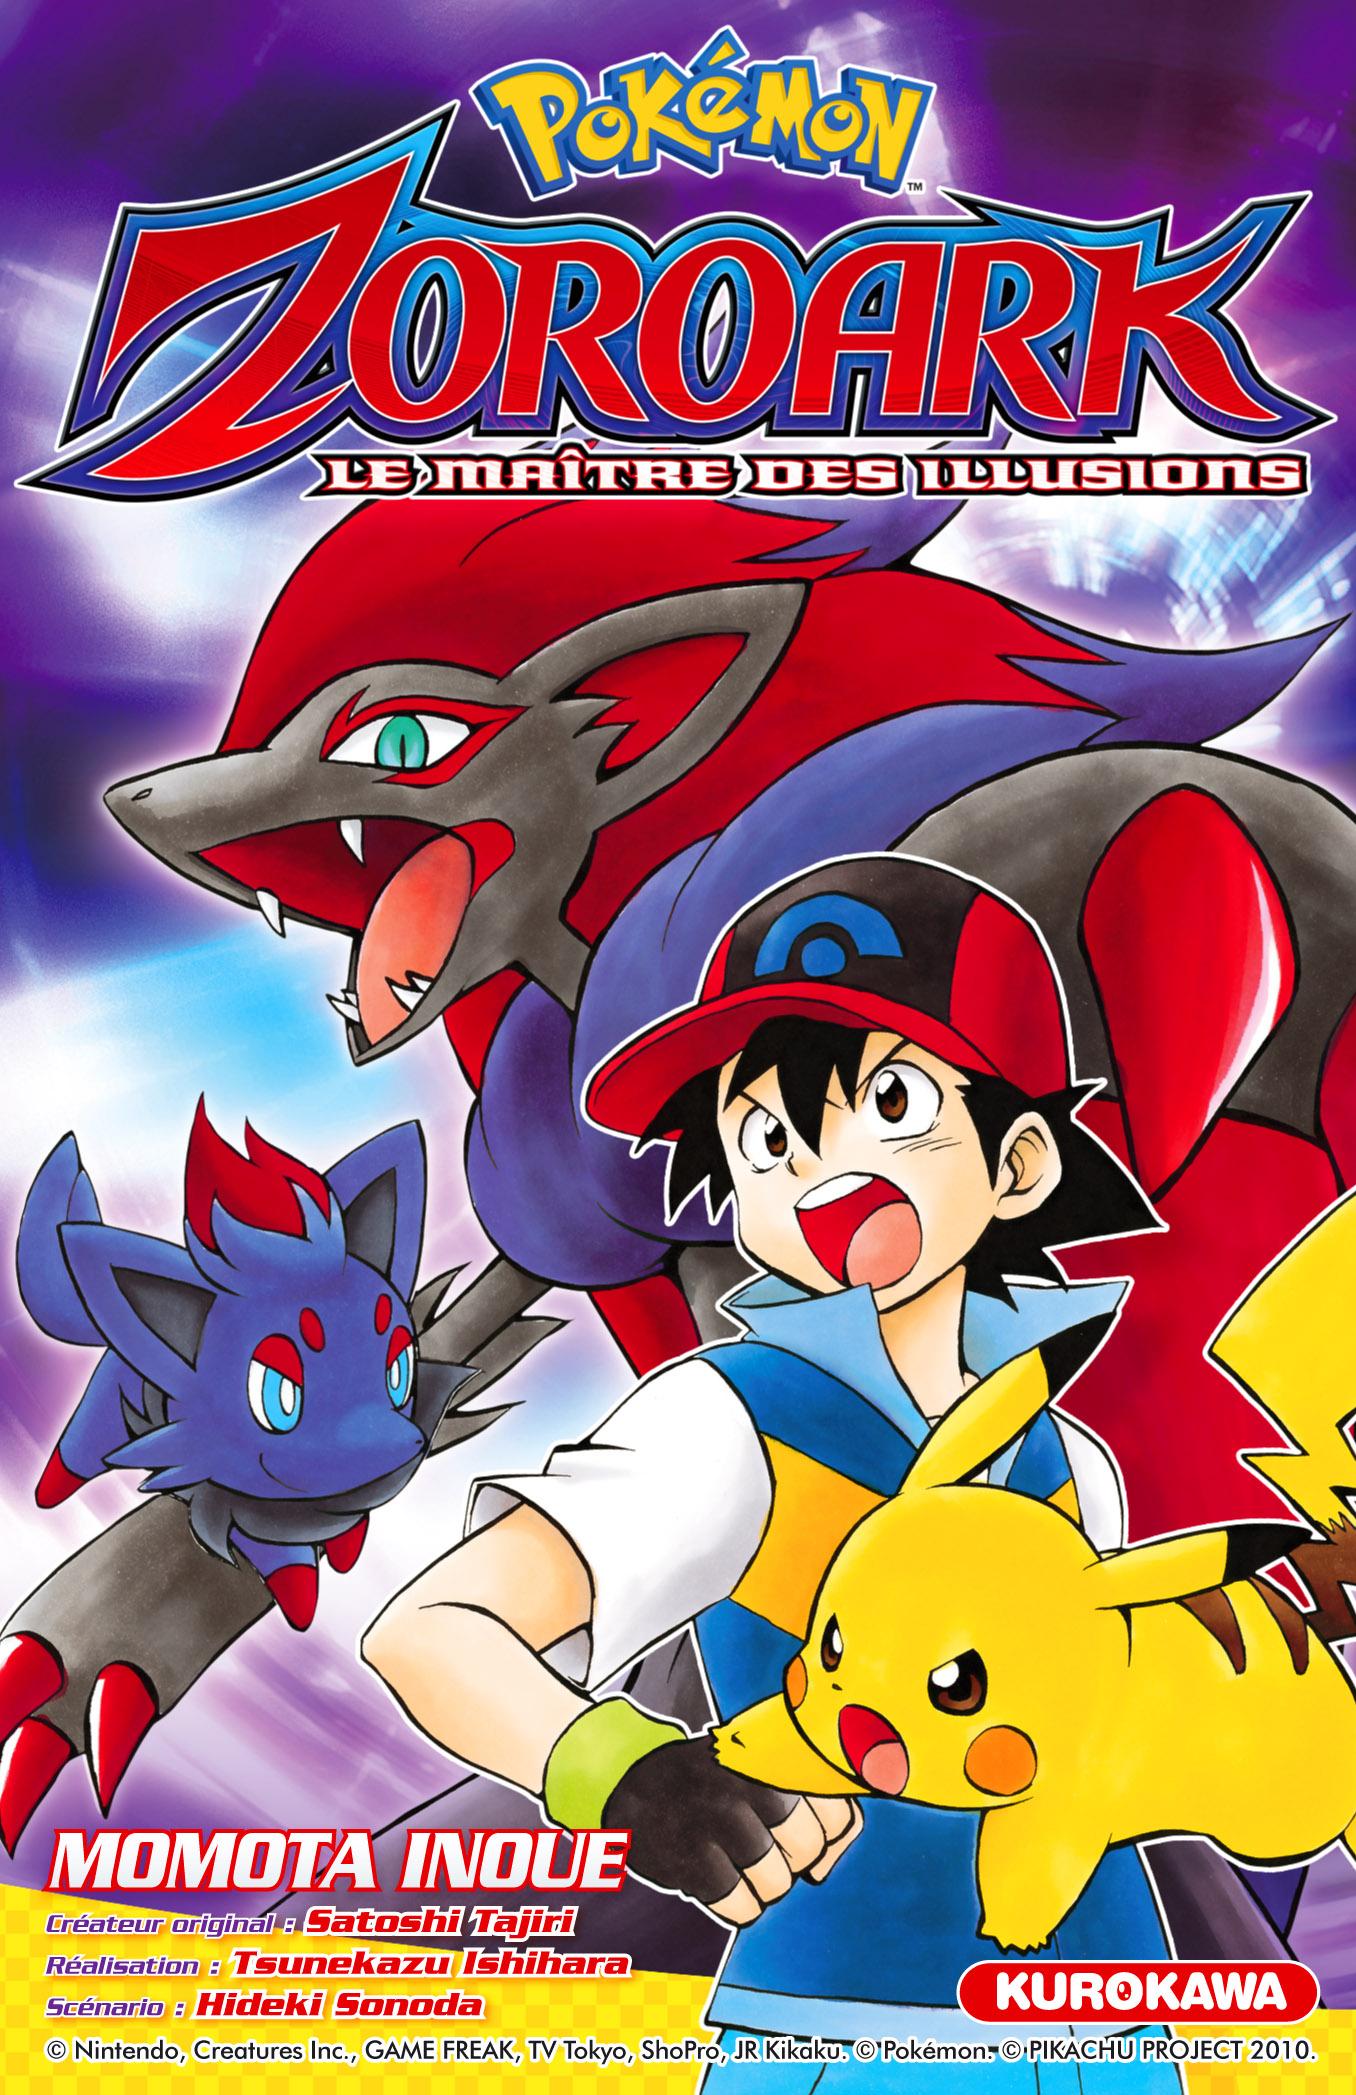 Pokémon Zoroark - Le Maître des Illusions 1